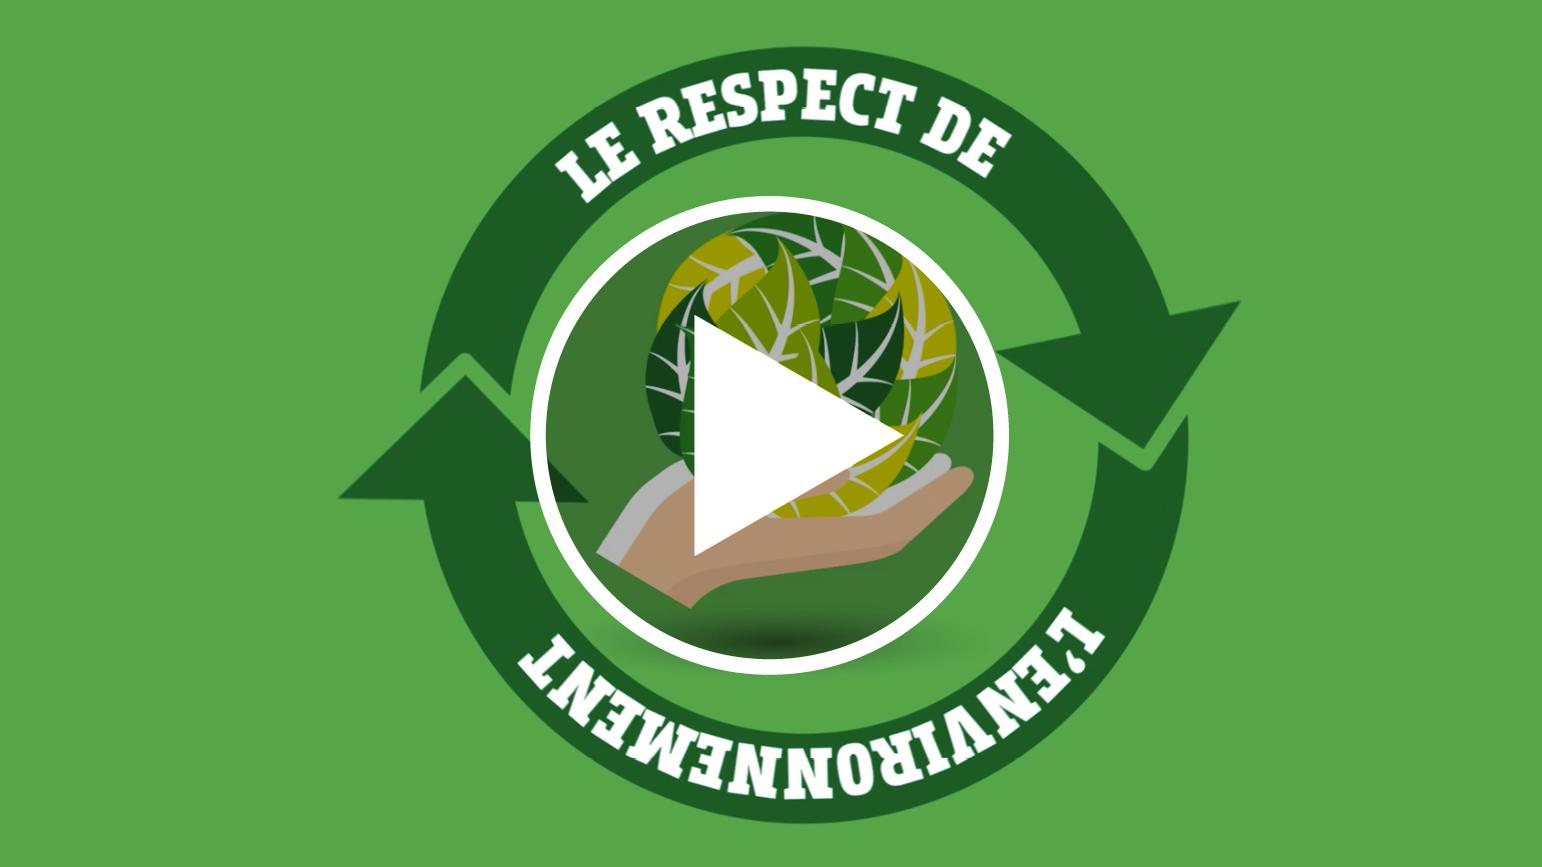 11 - Le respect de l'environnement